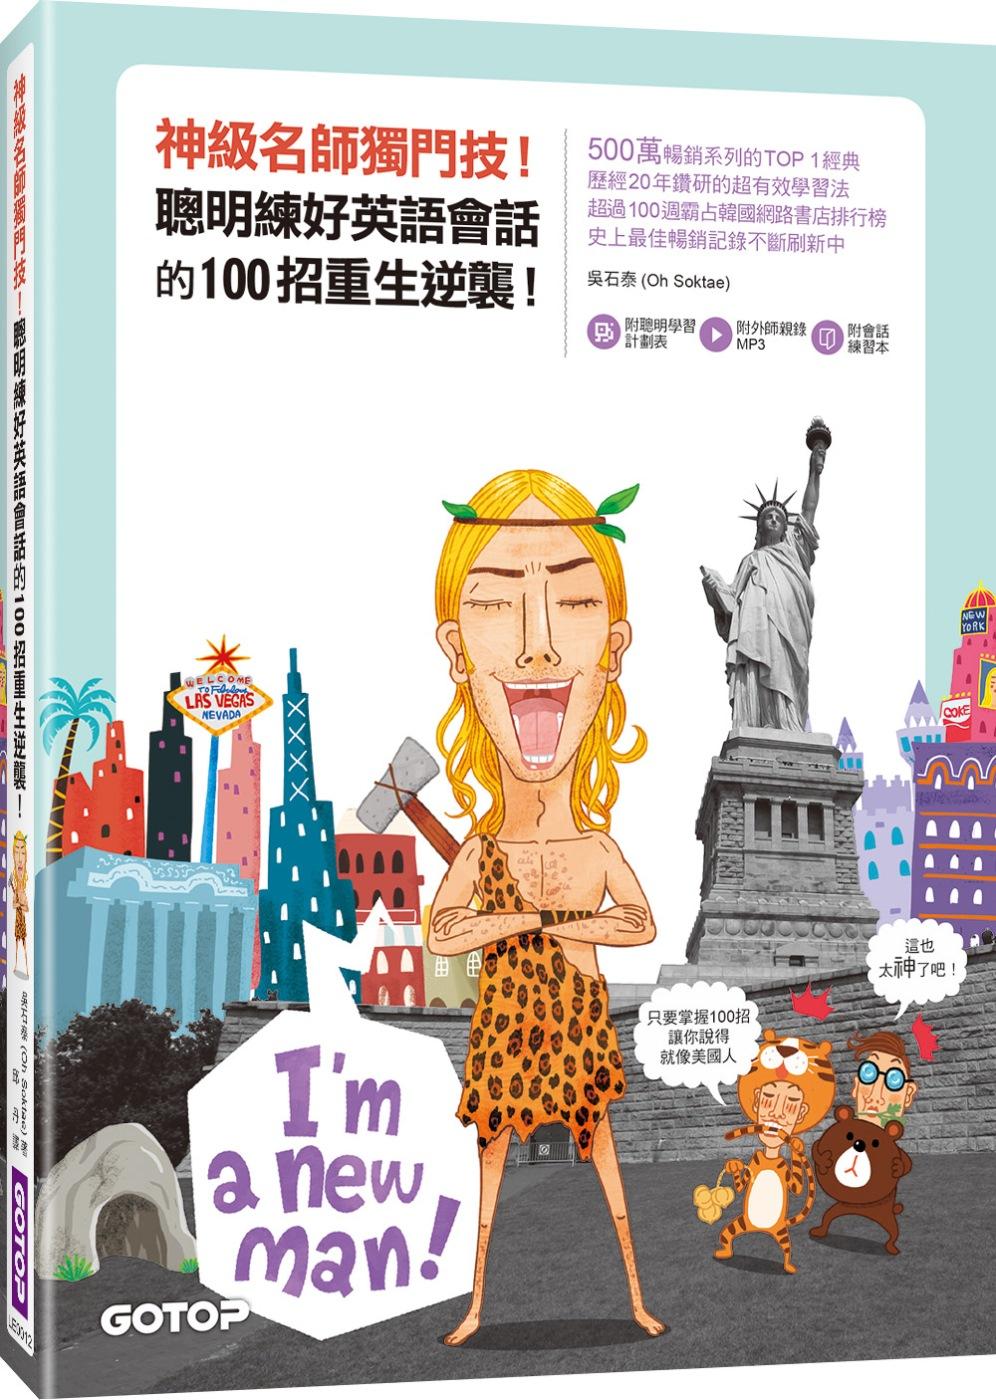 神級名師獨門技!聰明練好英語會話的100招重生逆襲!(500萬暢銷系列經典,附MP3/會話本)